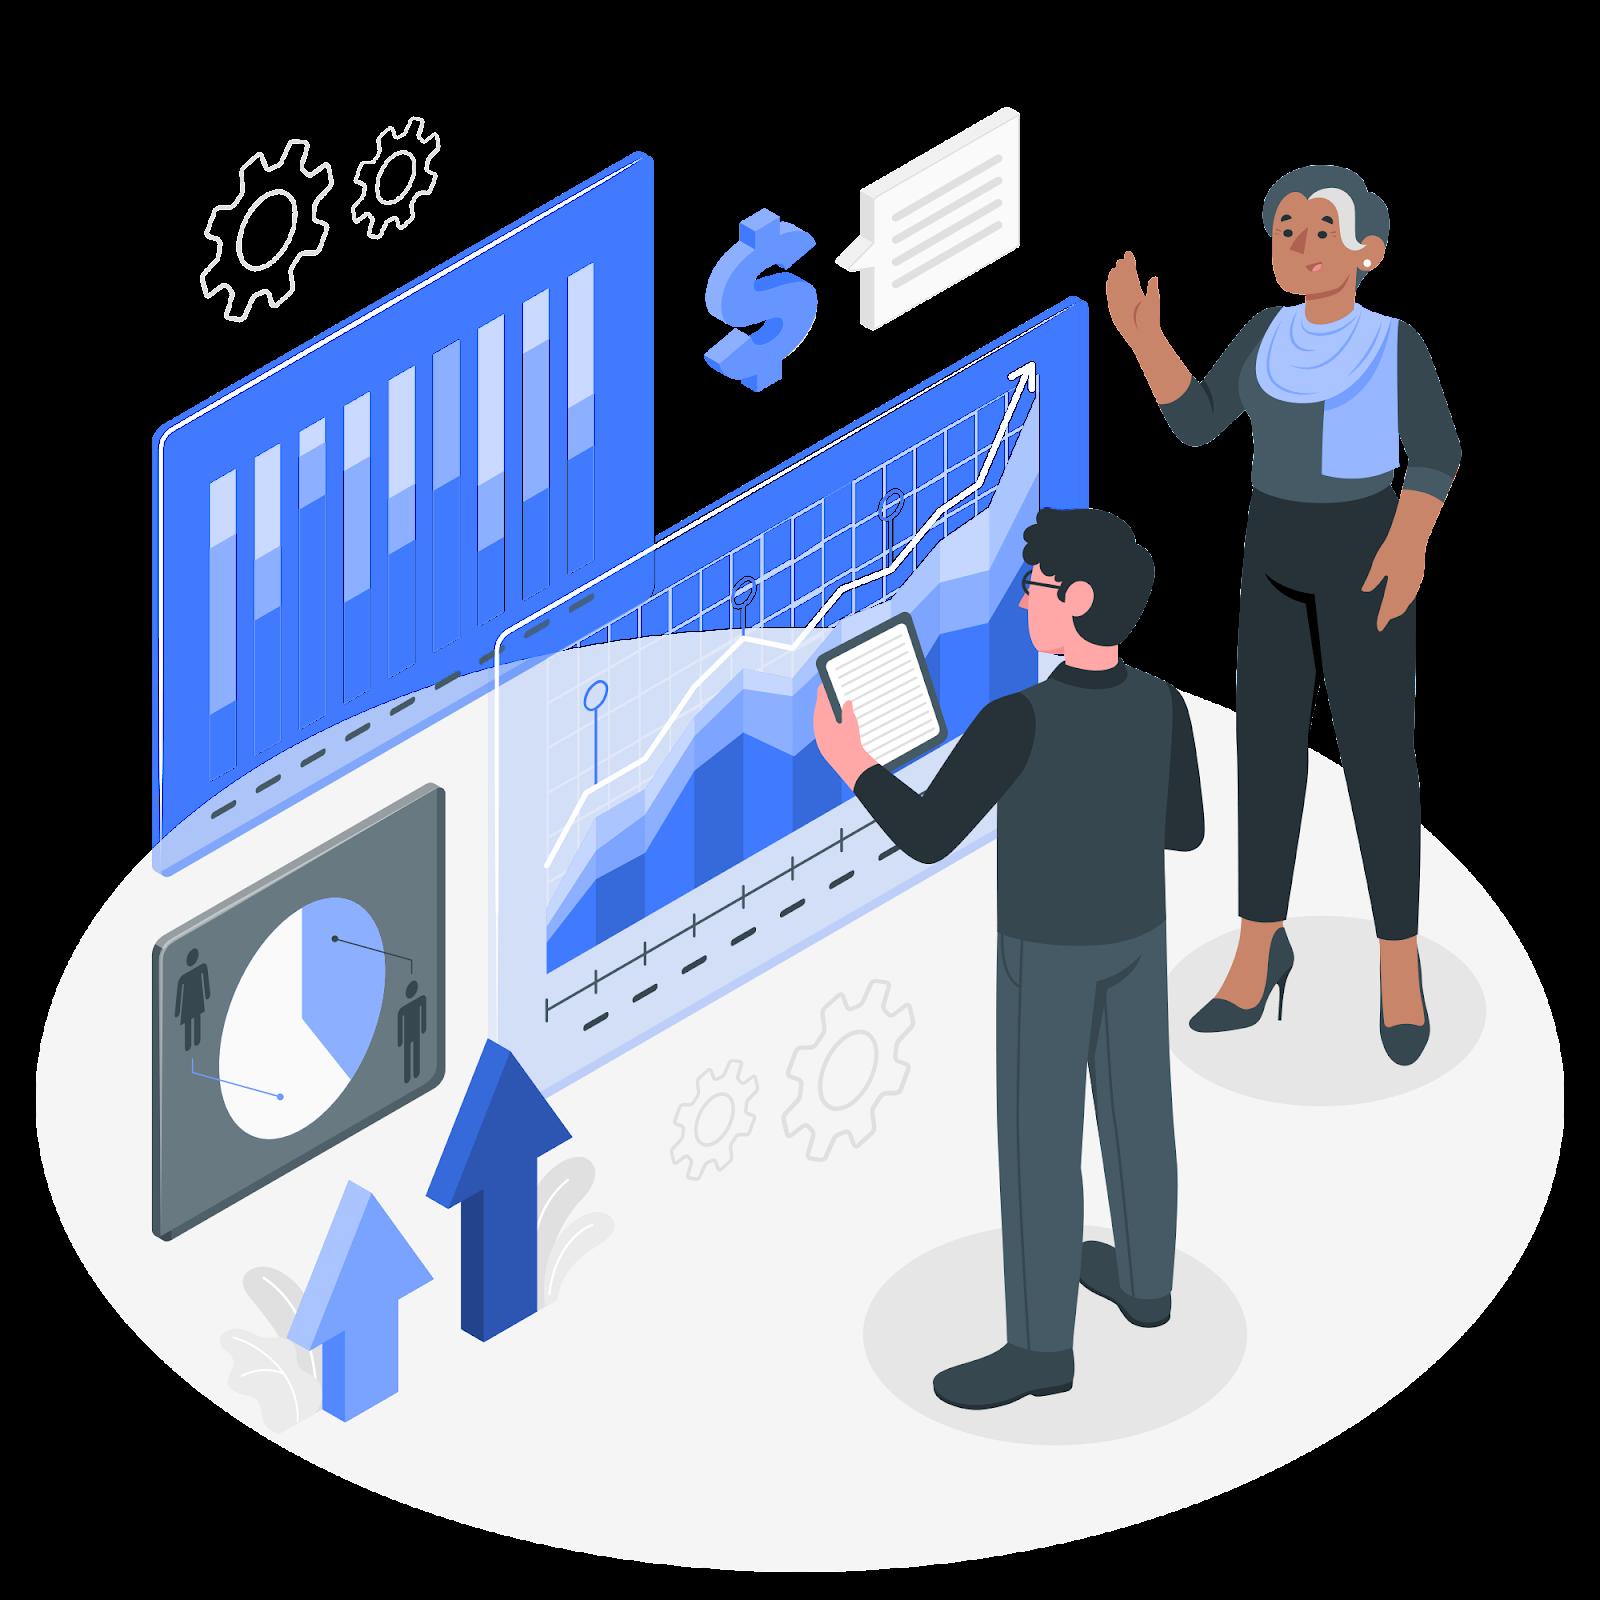 ilustração de um homem e uma mulher gerenciando as finanças de uma empresa, demonstrando controle financeiro